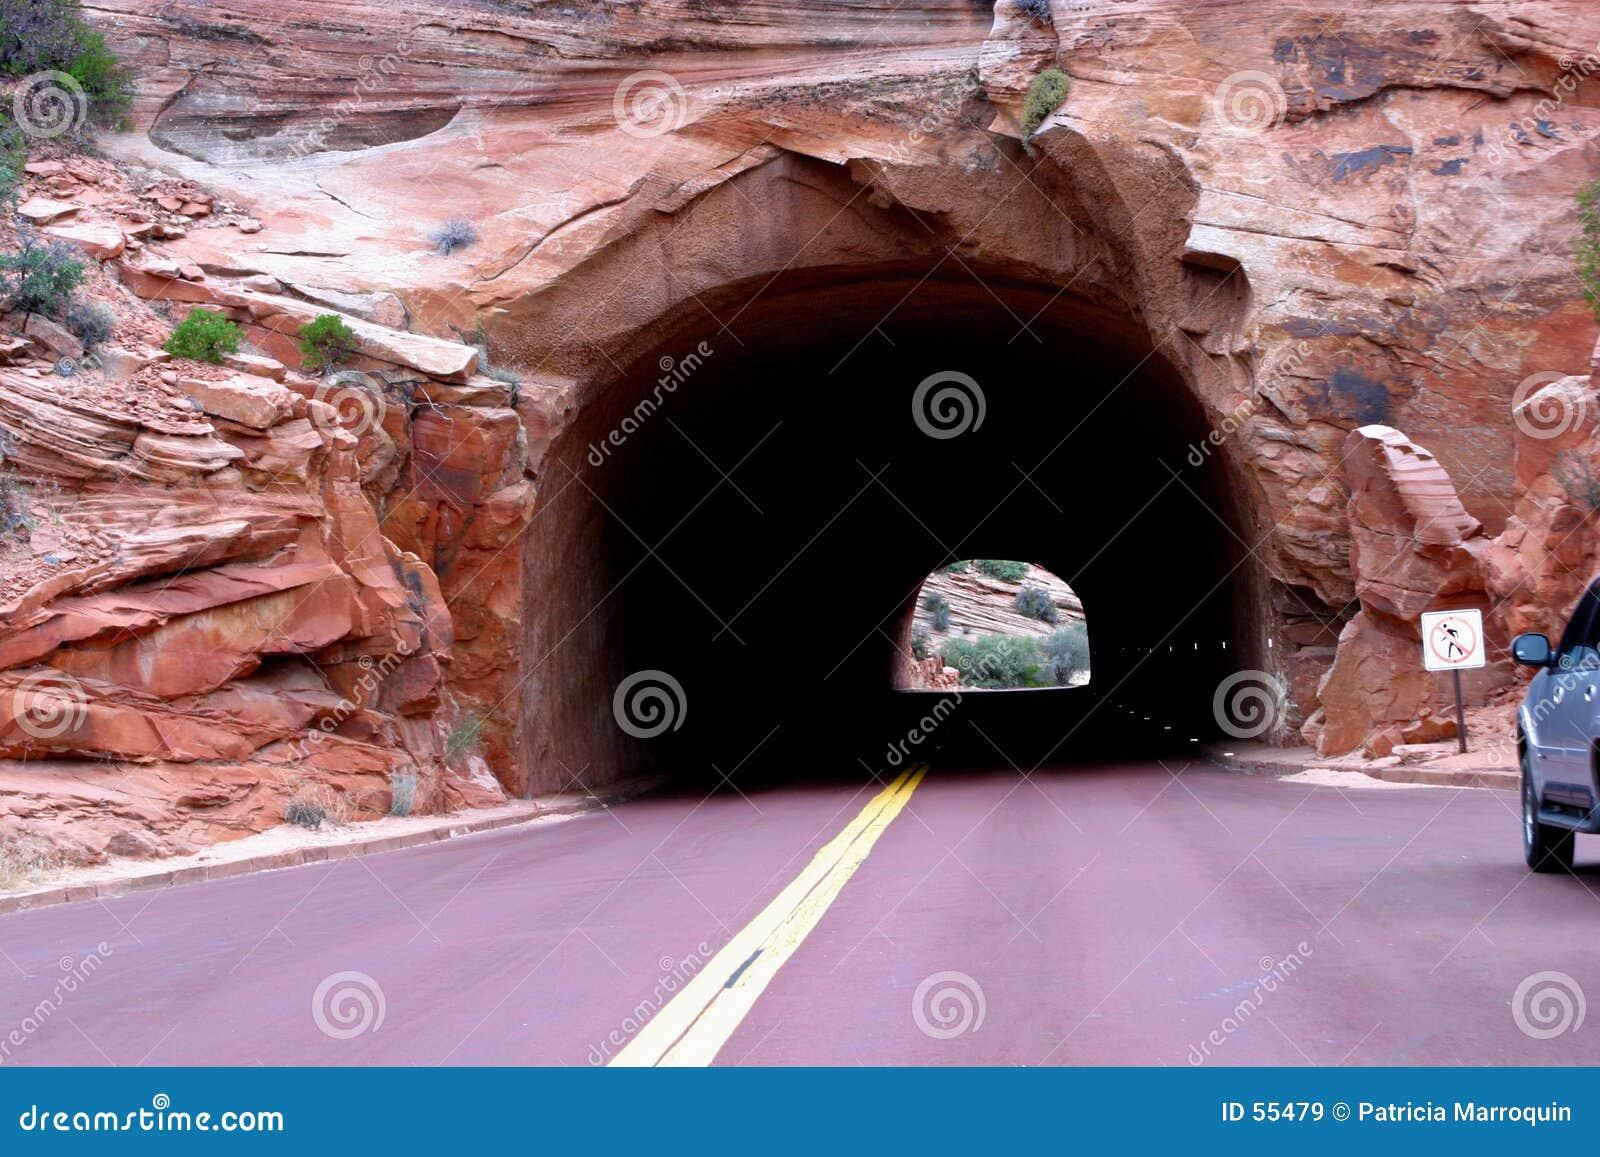 Nowych przygód tunelu